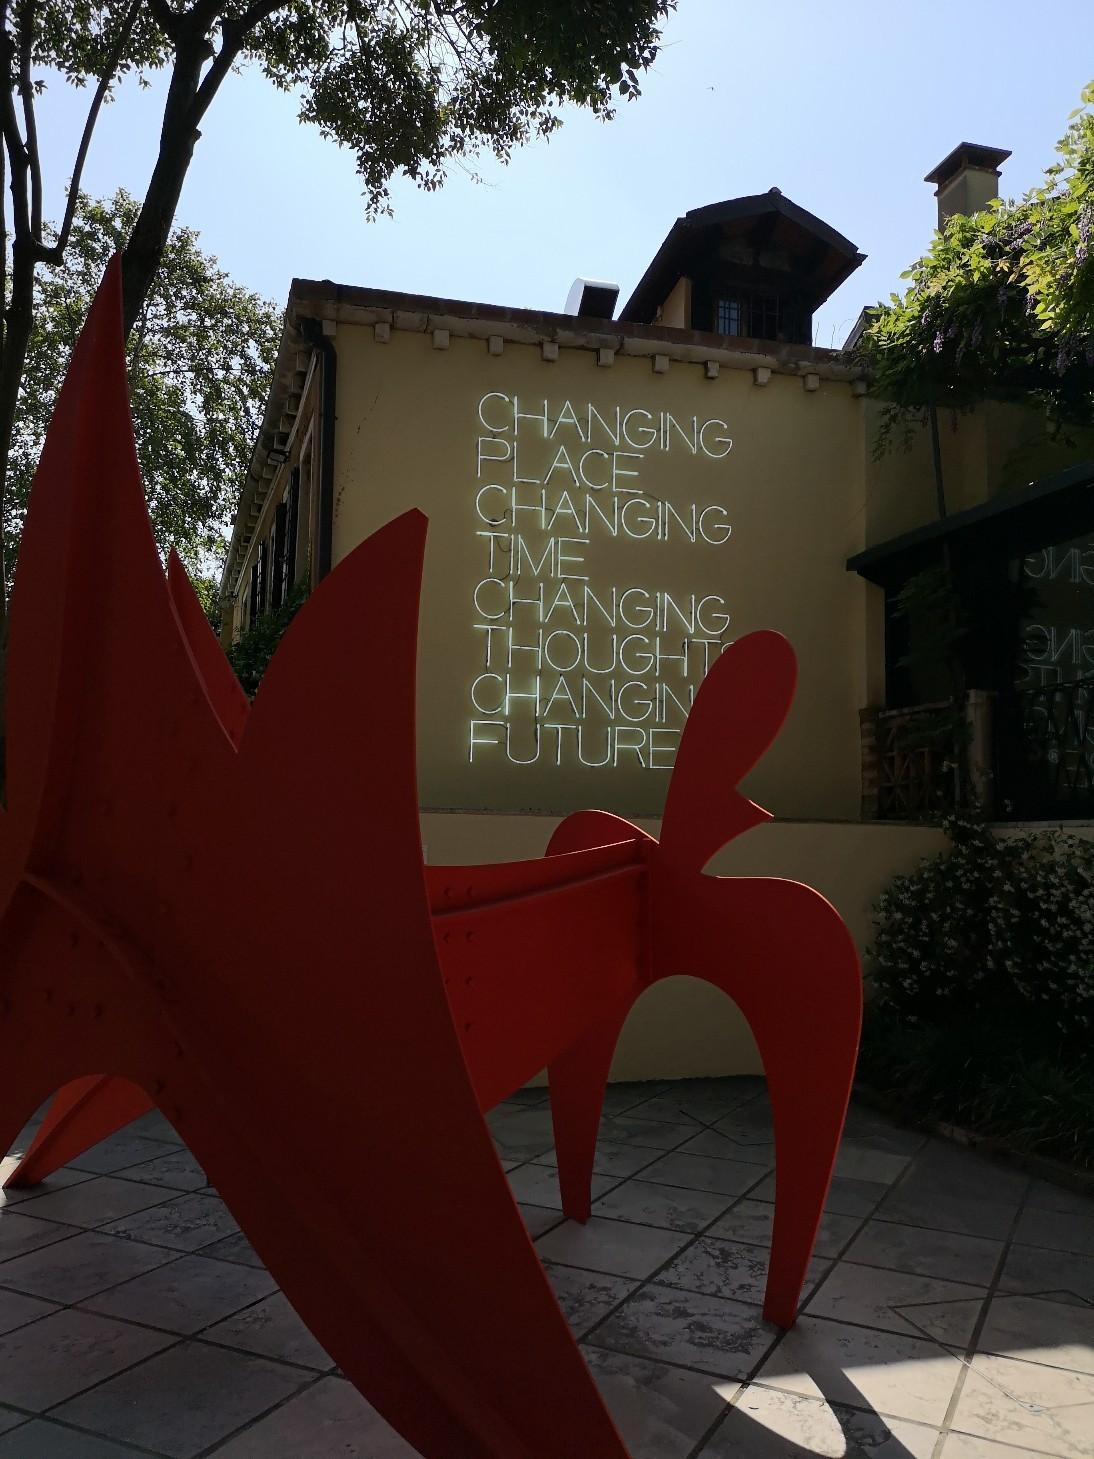 ヴェネツィア、ペギー グッゲンハイム美術館と思想の色_f0106597_22020456.jpg